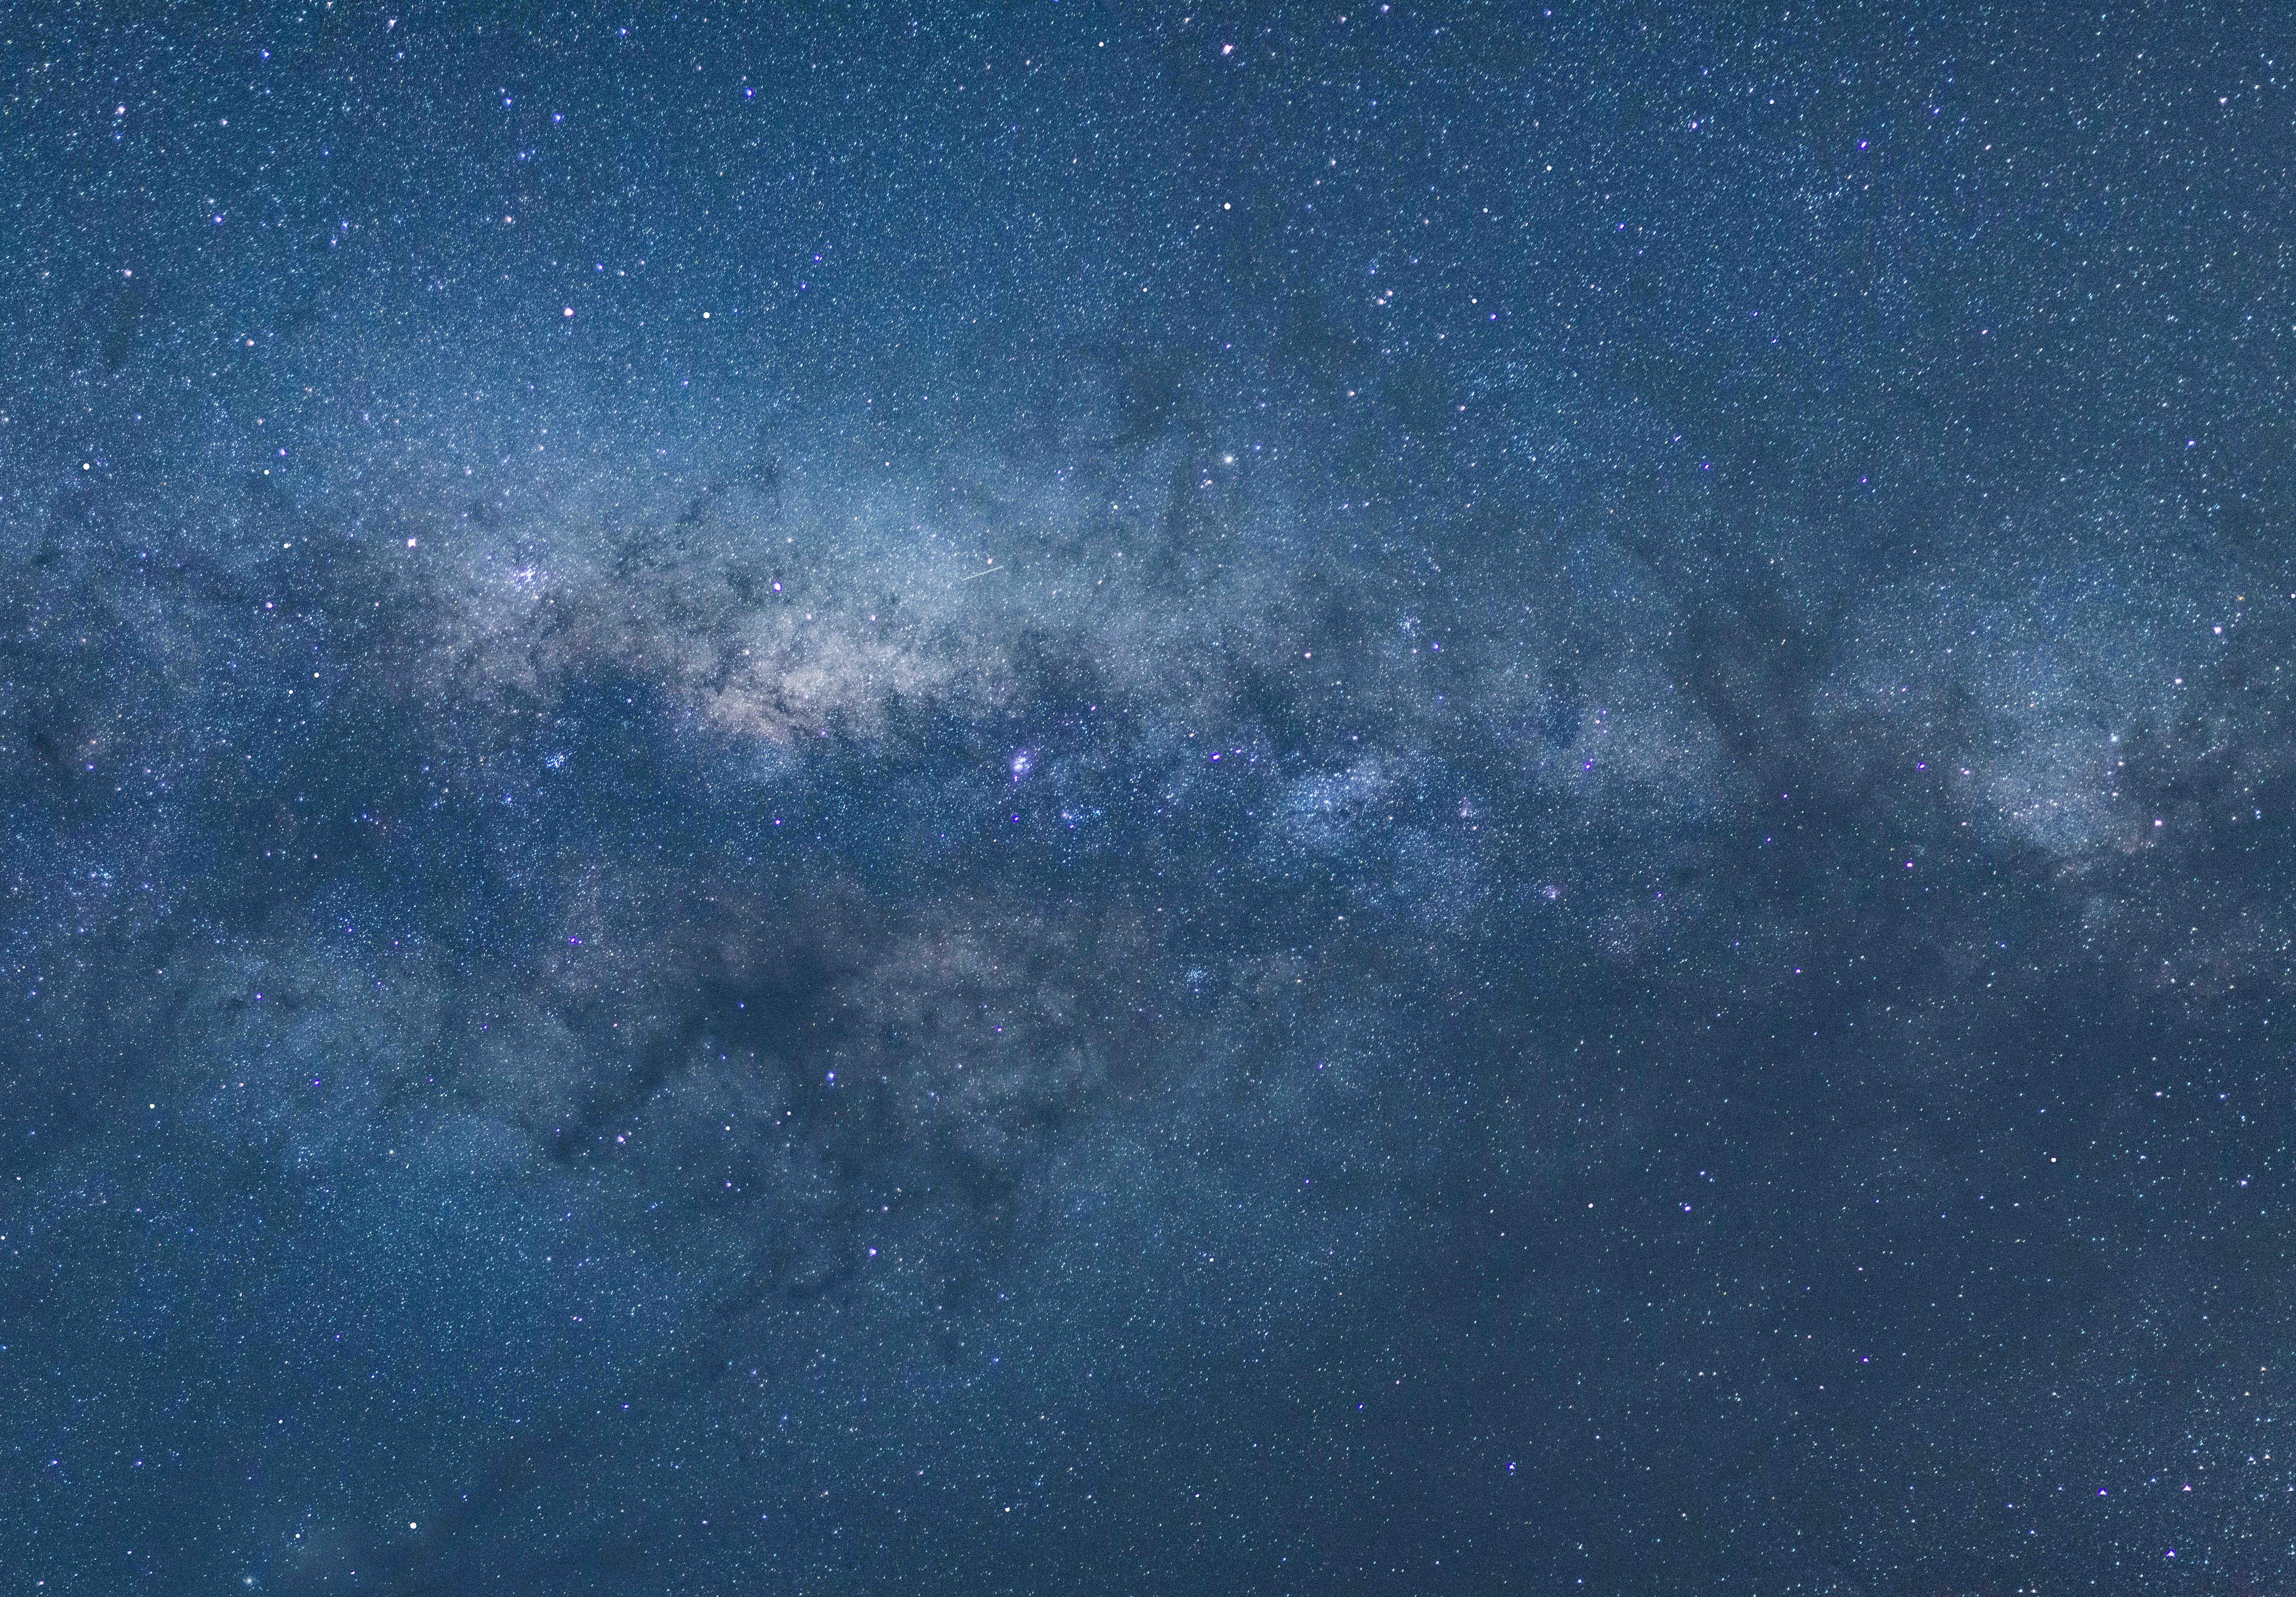 hình ảnh : Bầu trời, đêm, ngôi sao, dãi ngân Hà, Vũ trụ, không khí, Thiên hà, Tinh vân, không gian bên ngoài, Thiên văn học, Sao, Hình nền hd, Đối tượng ...